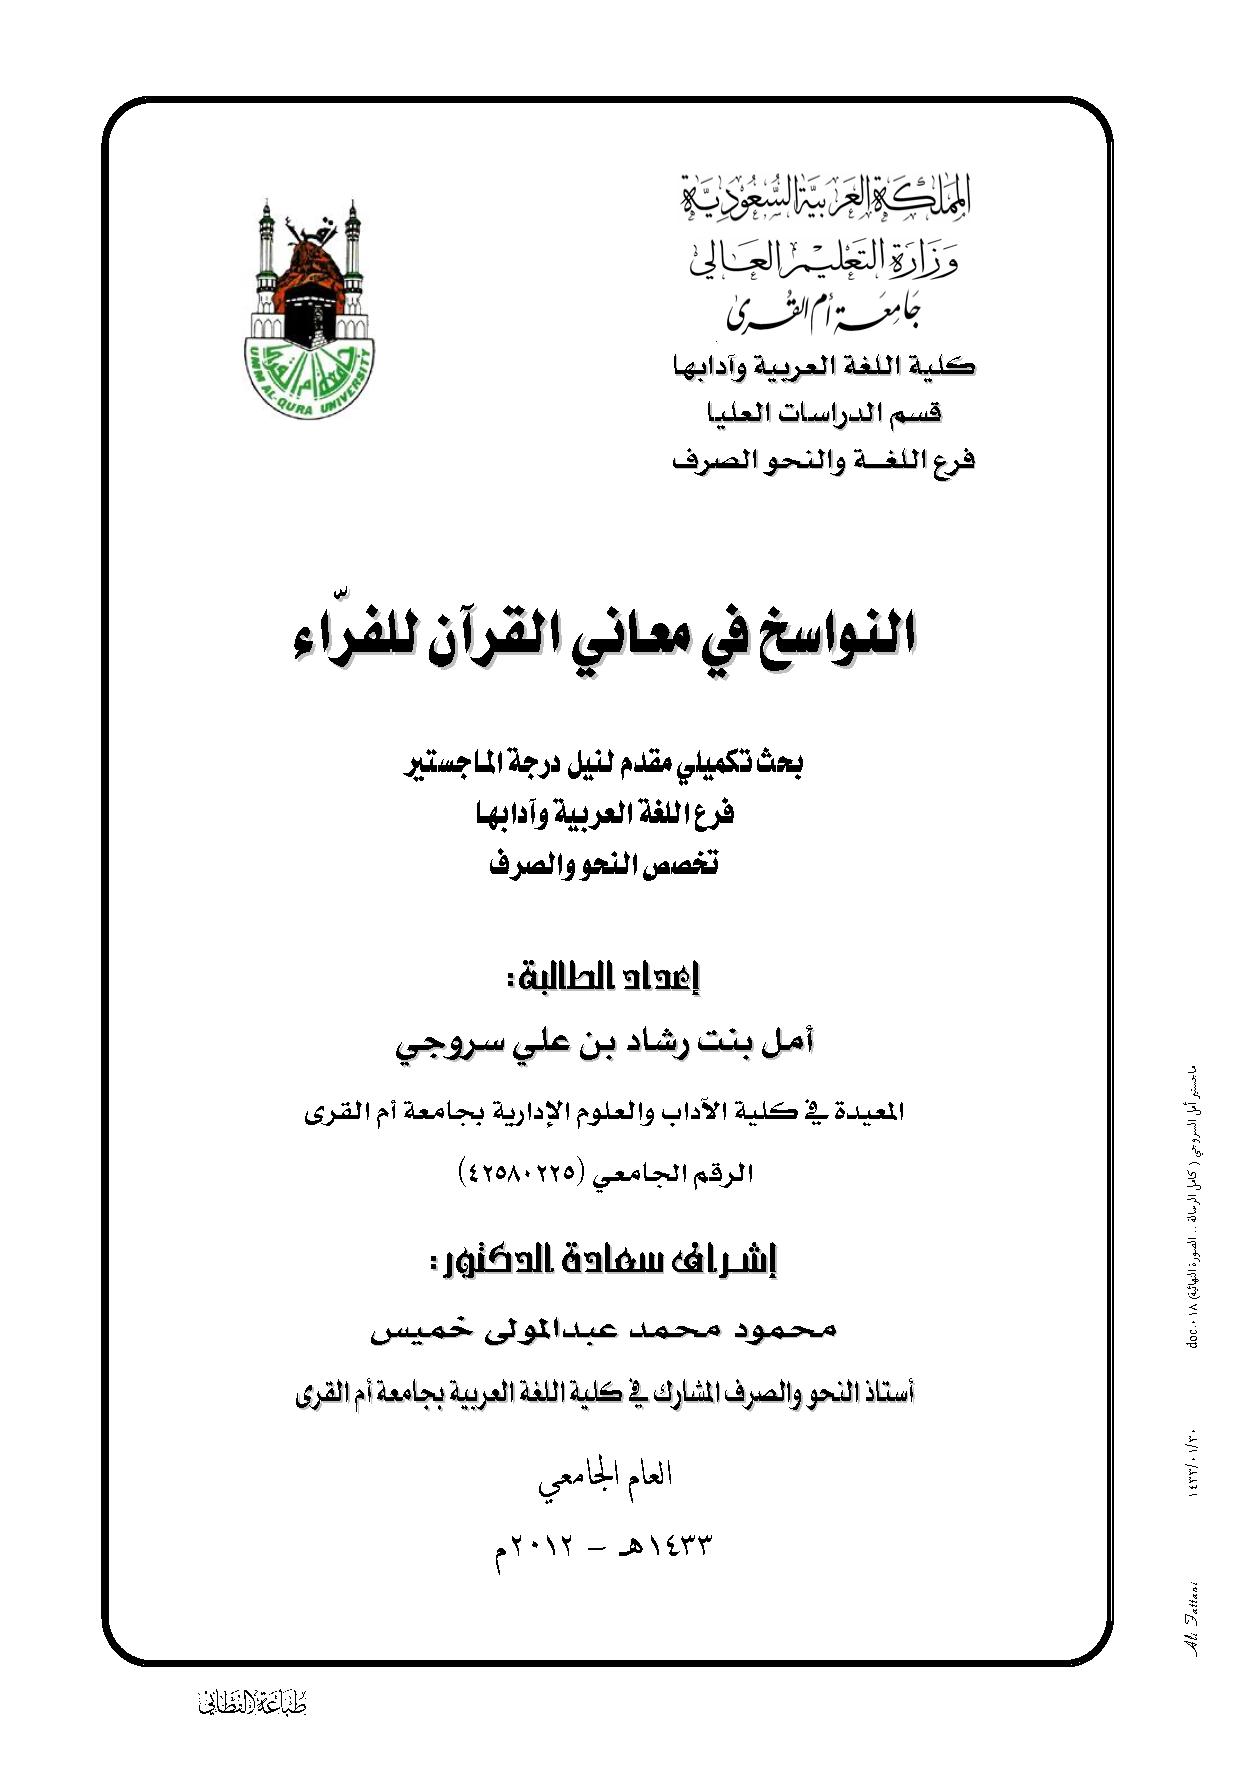 تحميل كتاب النواسخ في معاني القرآن لـِ: أمل بنت رشاد بن علي سروجي